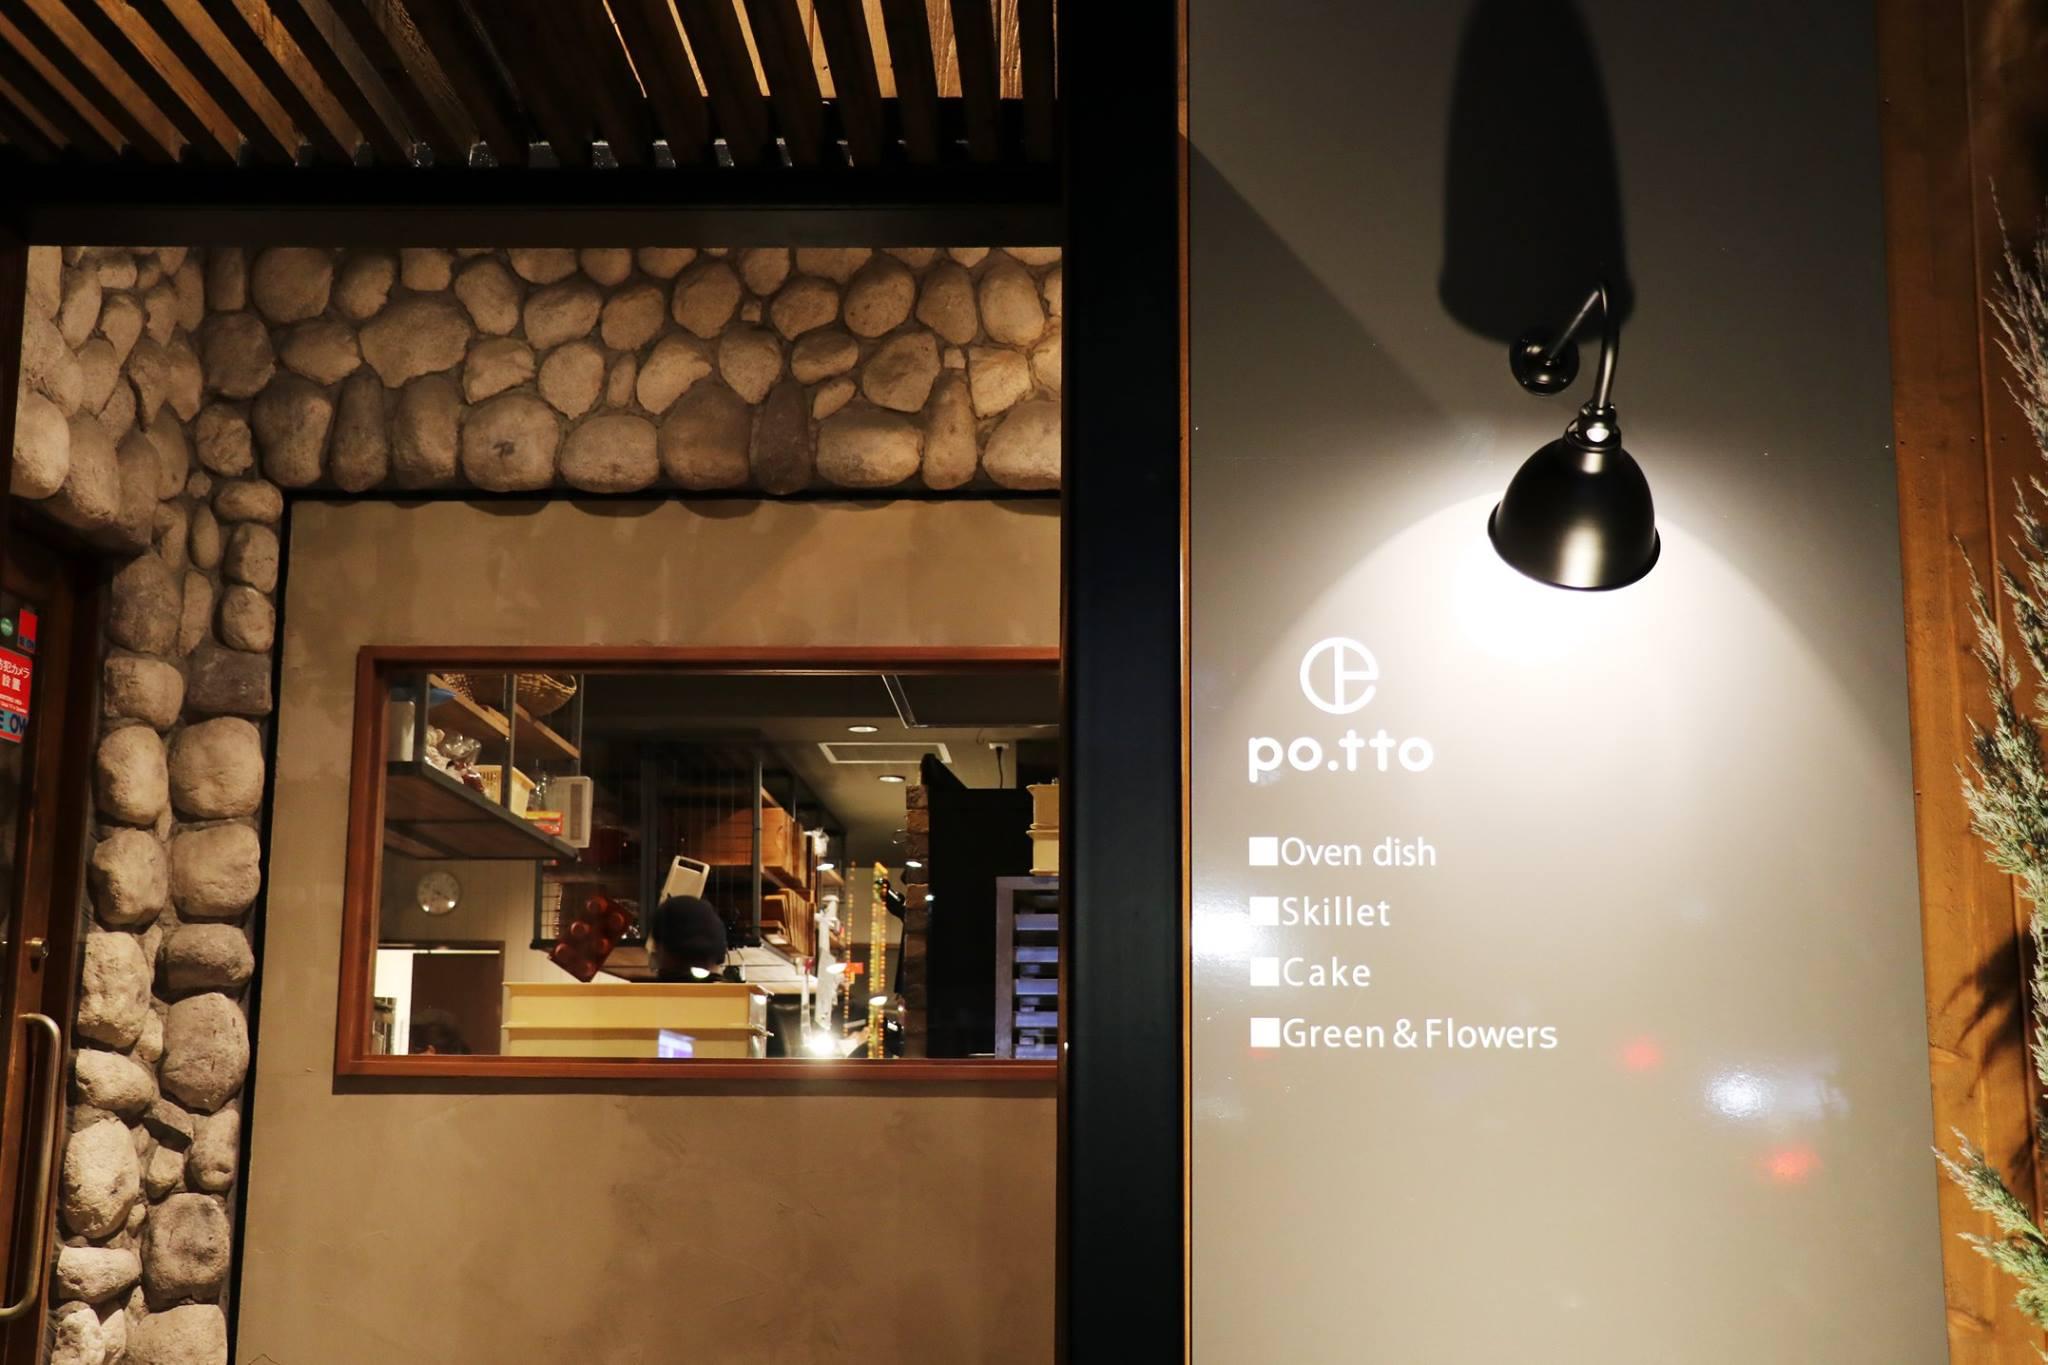 豊田で大人気のカフェ「po.tto」が星ヶ丘テラスに期間限定で出店中! - 17310050 139532549904392 2225880495691416388 o